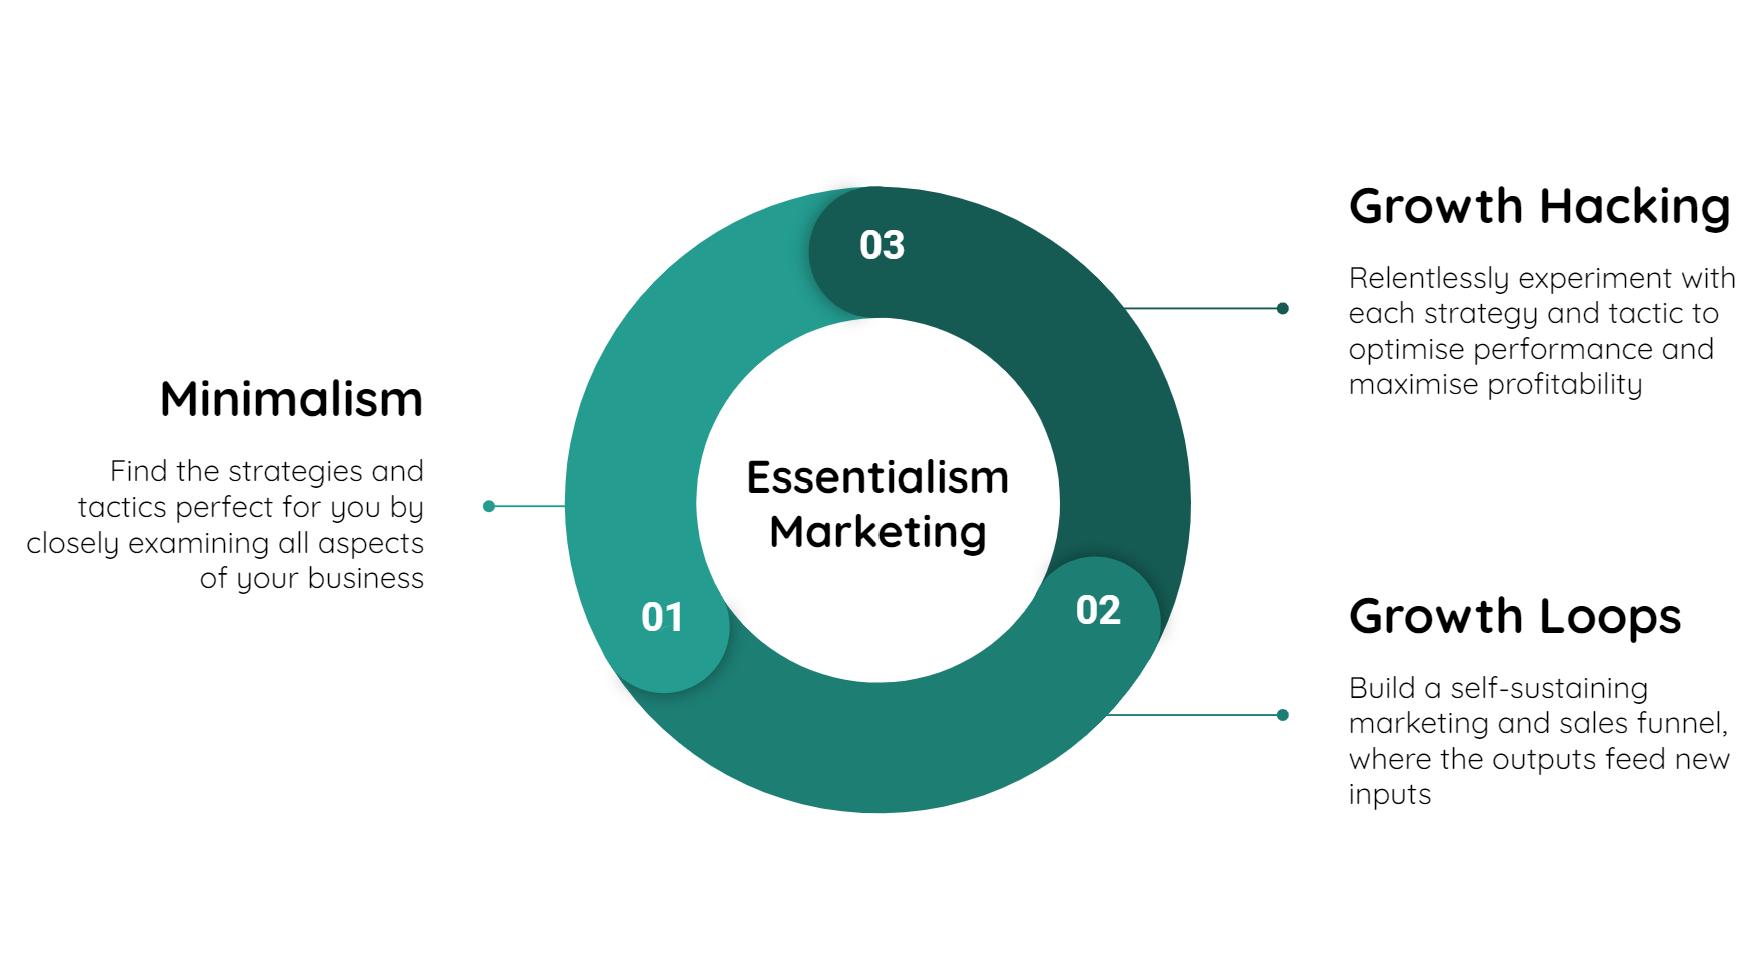 essentialism marketing explaination diagram